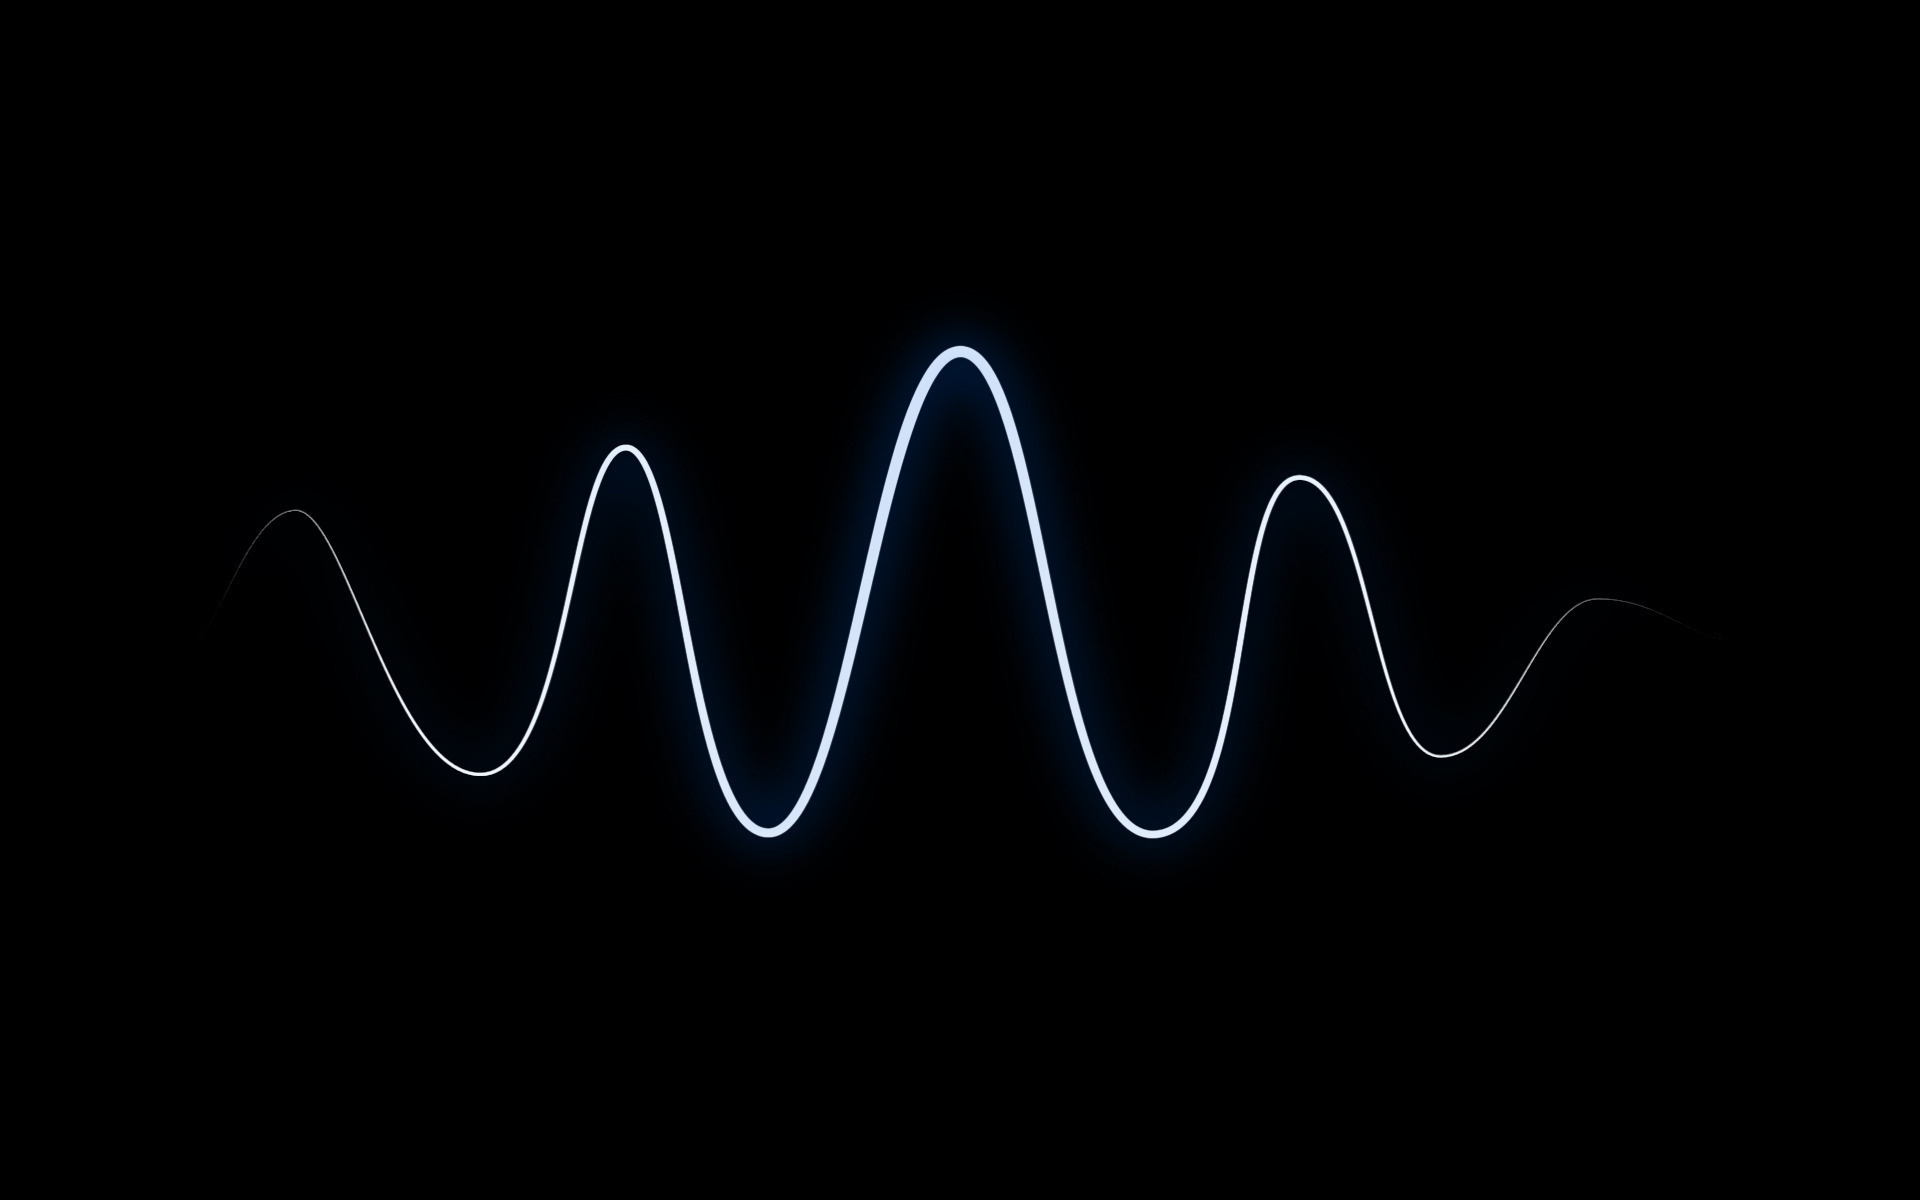 Как усилить сигнал сотового телефона дома